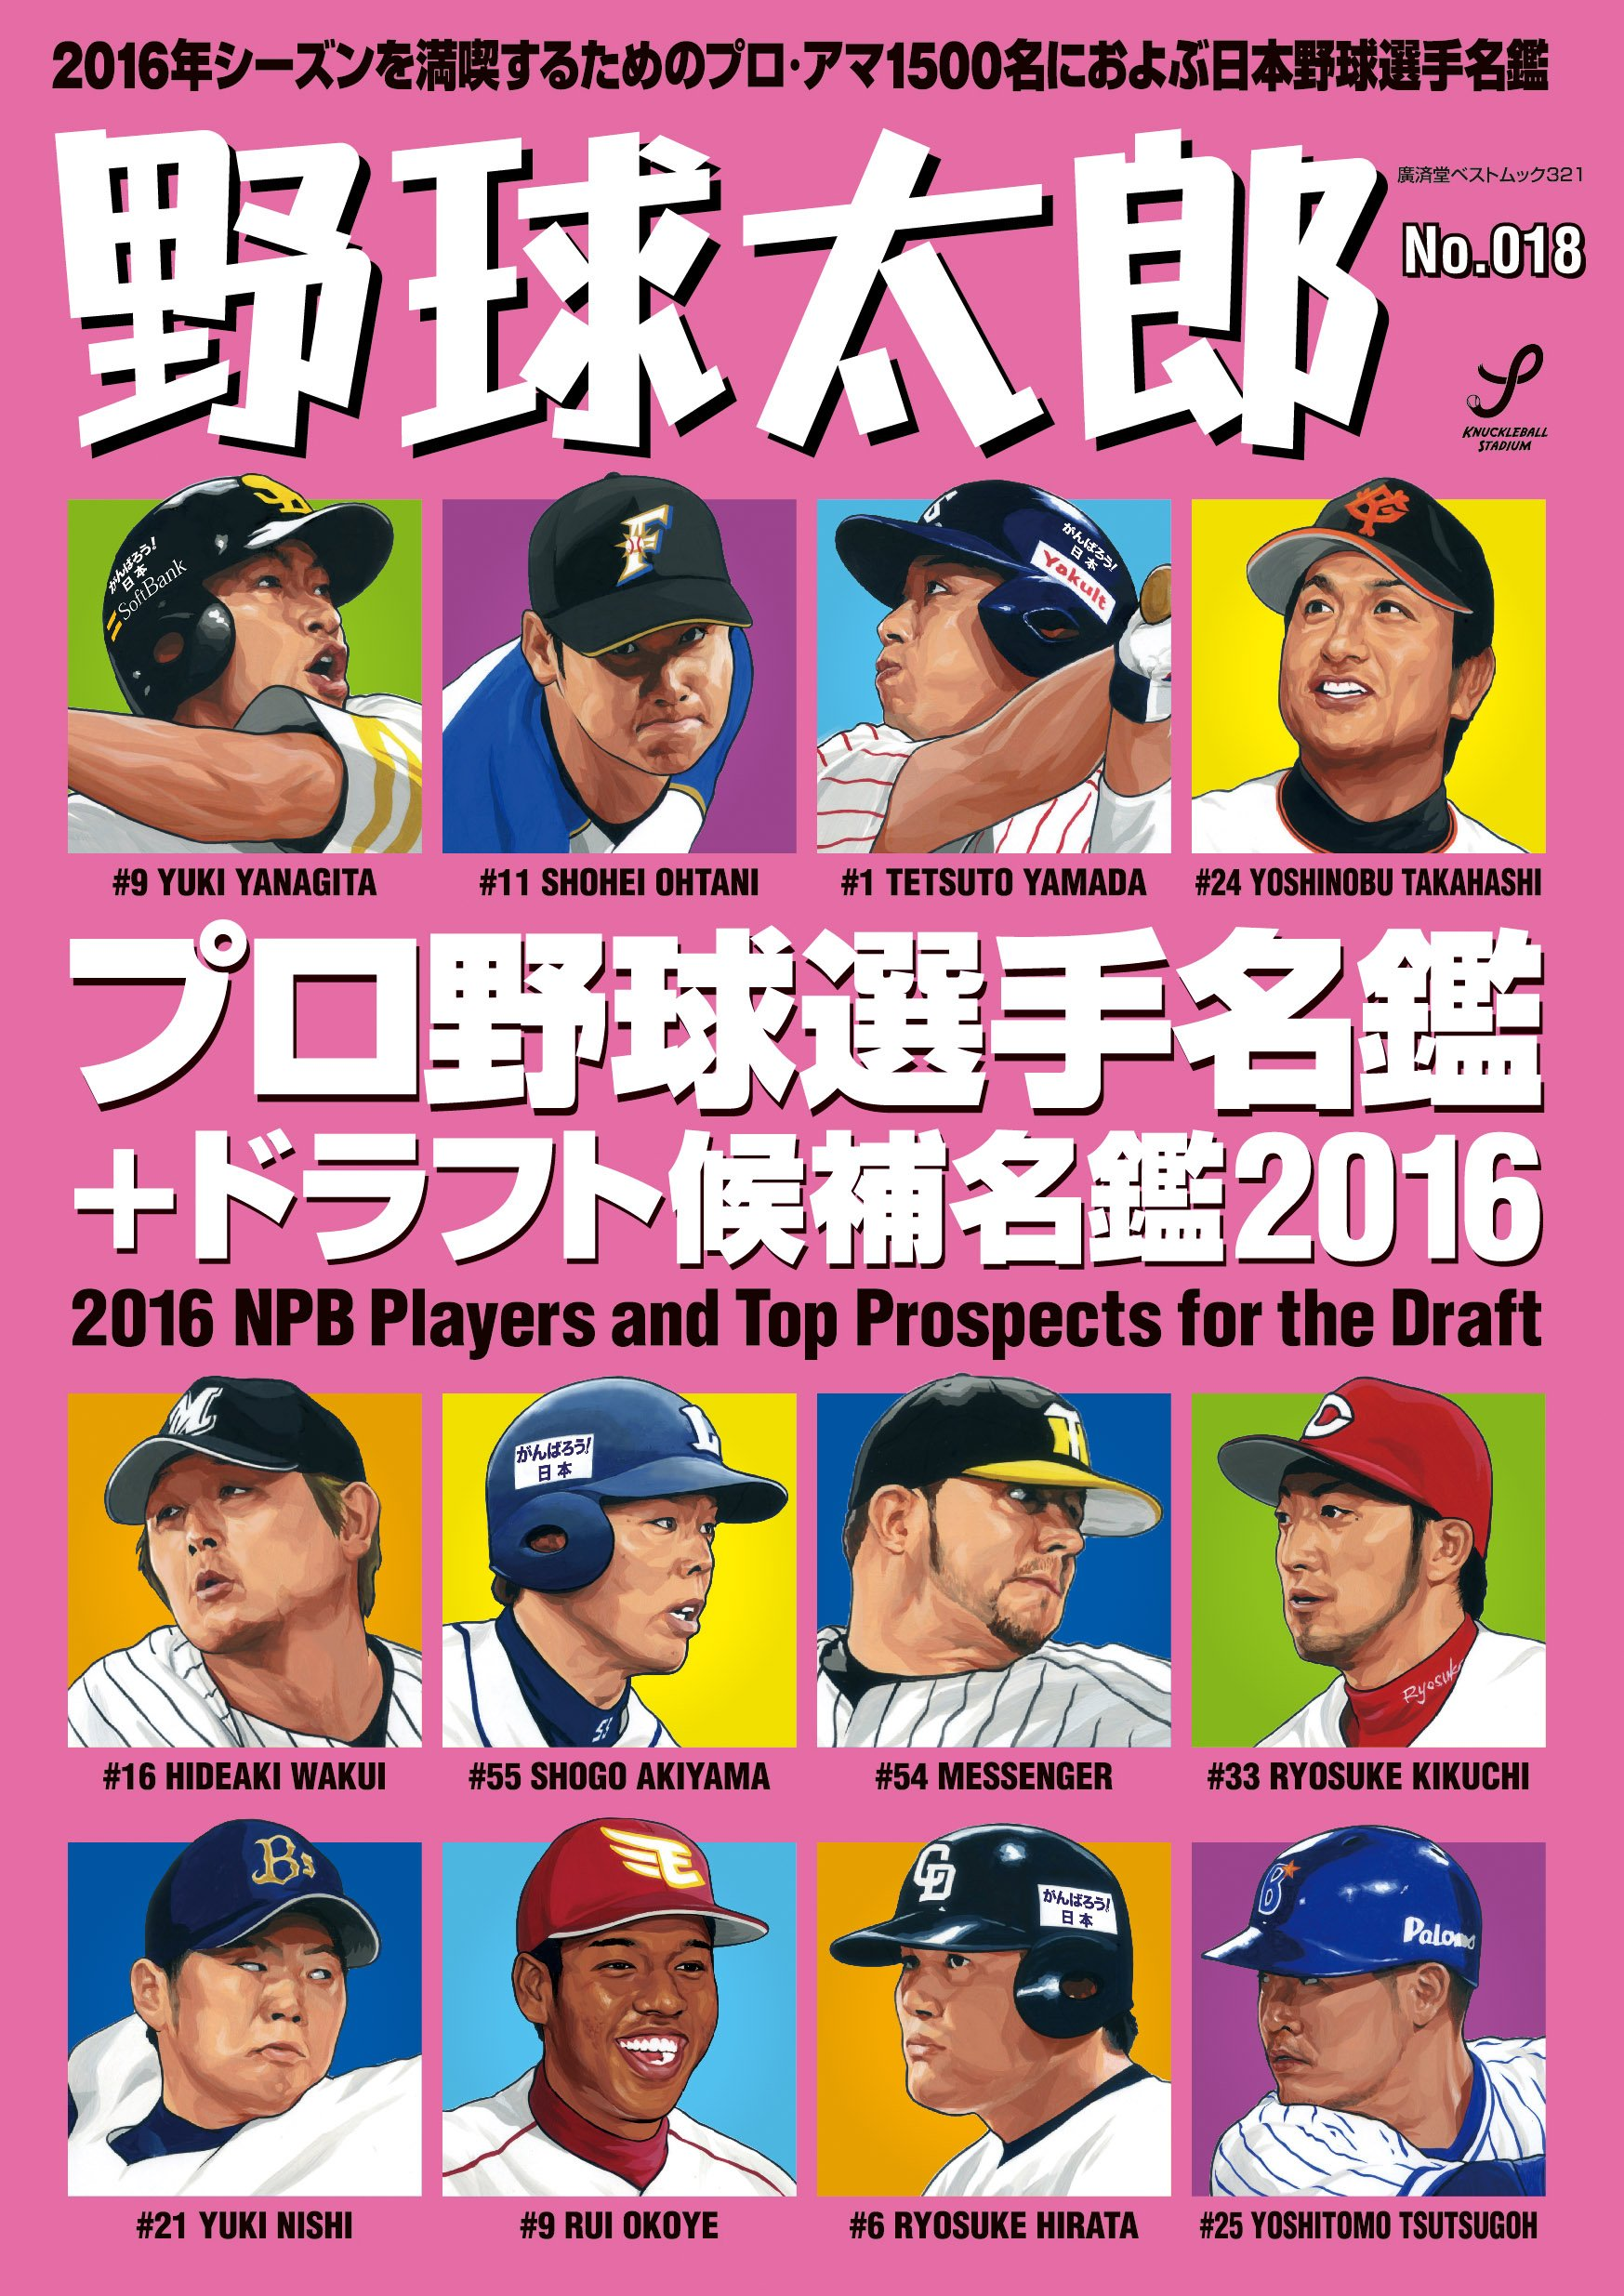 お詫びと訂正『野球太郎No.018 プロ野球選手名鑑+ドラフト候補名鑑2016』